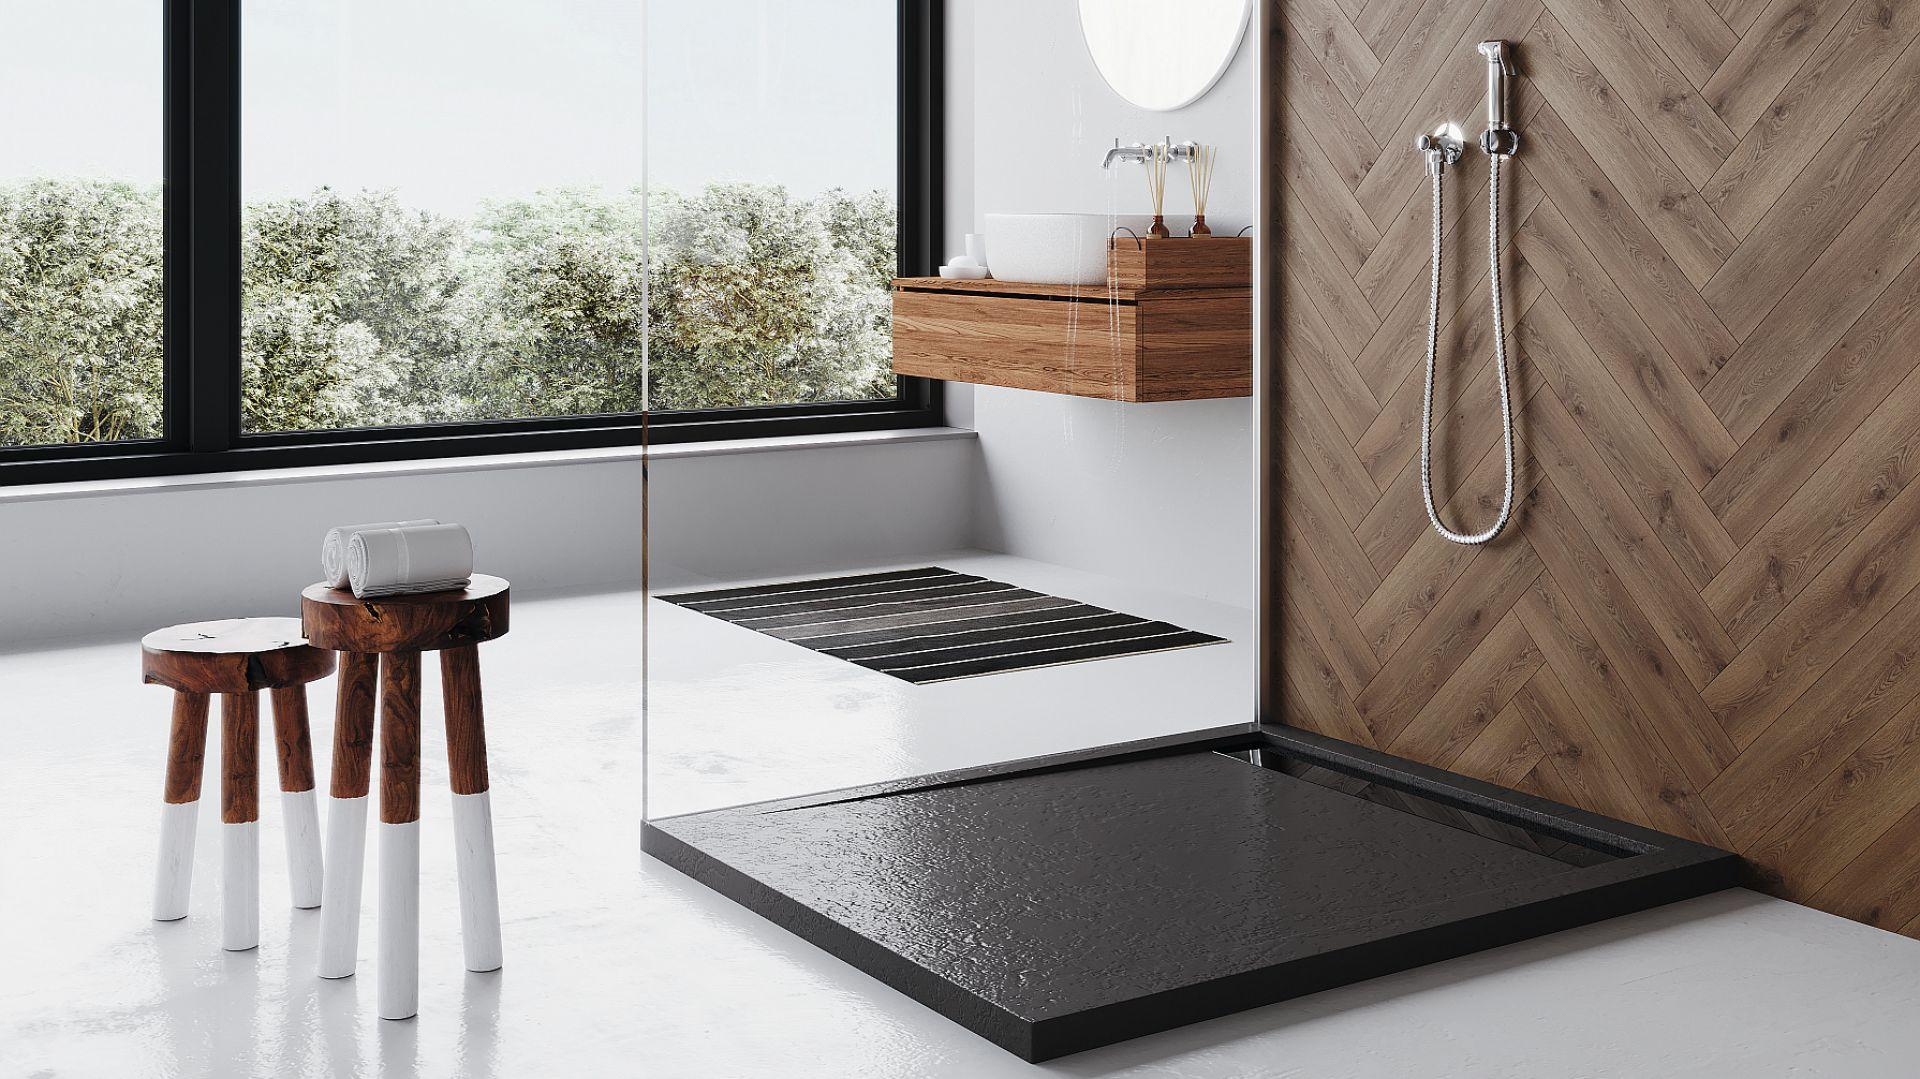 WEST NEW  - brodzik wykonany z wysokiej jakości akrylu sanitarnego posiada 10-letnią gwarancję producenta. Dostępne wymiary: 110x90 cm, 120x100 cm, kolory: biały, czarny oraz biały i czarny w strukturze kamienia. Fot. Polimat